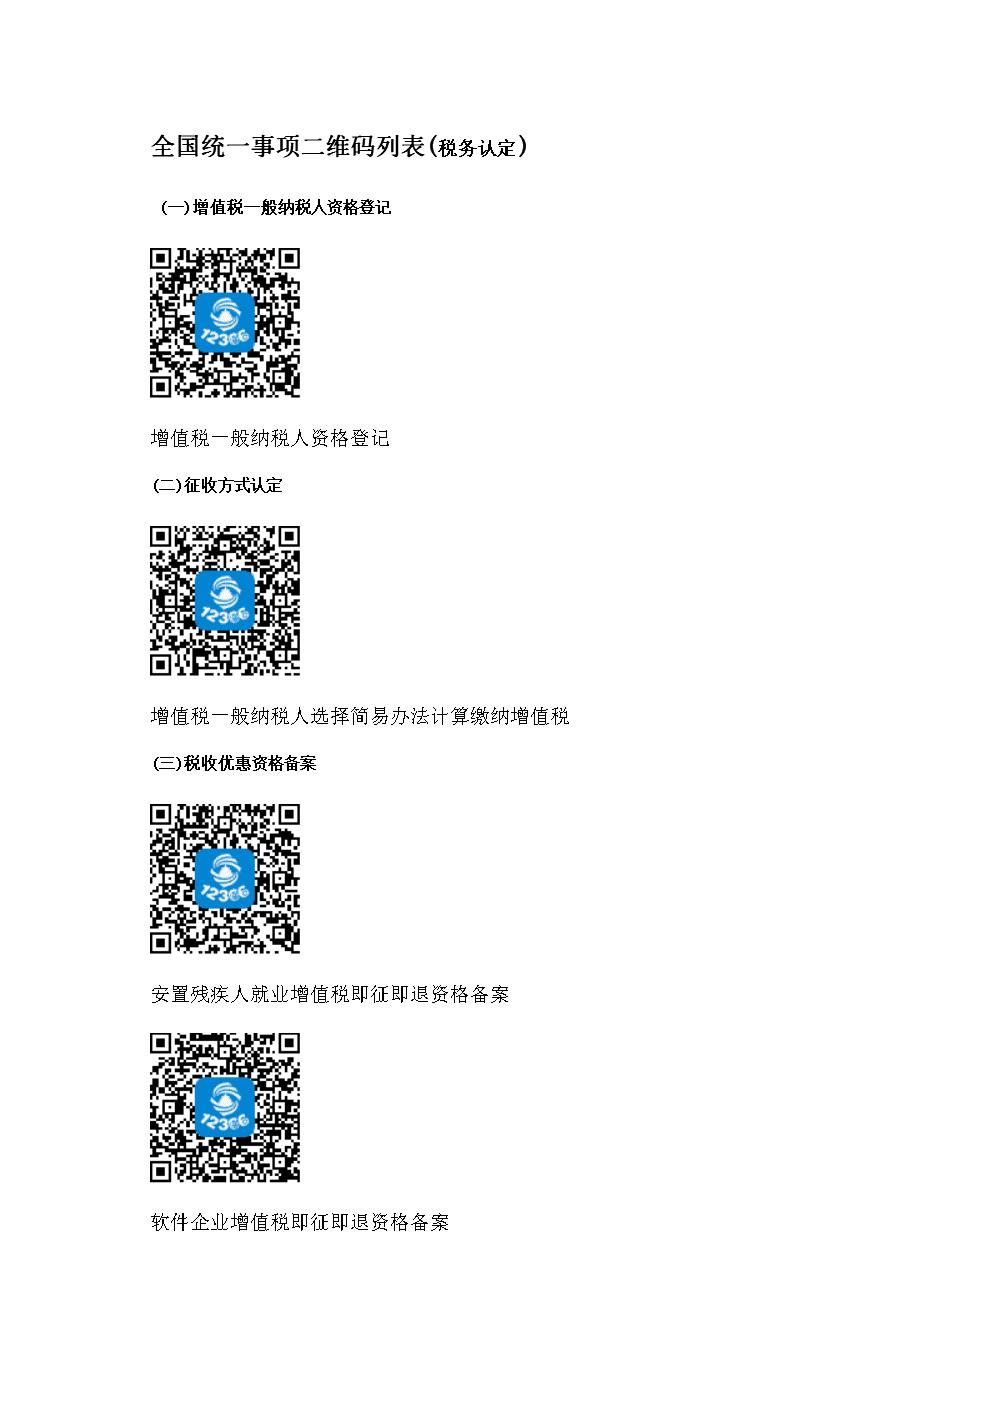 全国统一事项二维码列表税务认定.doc